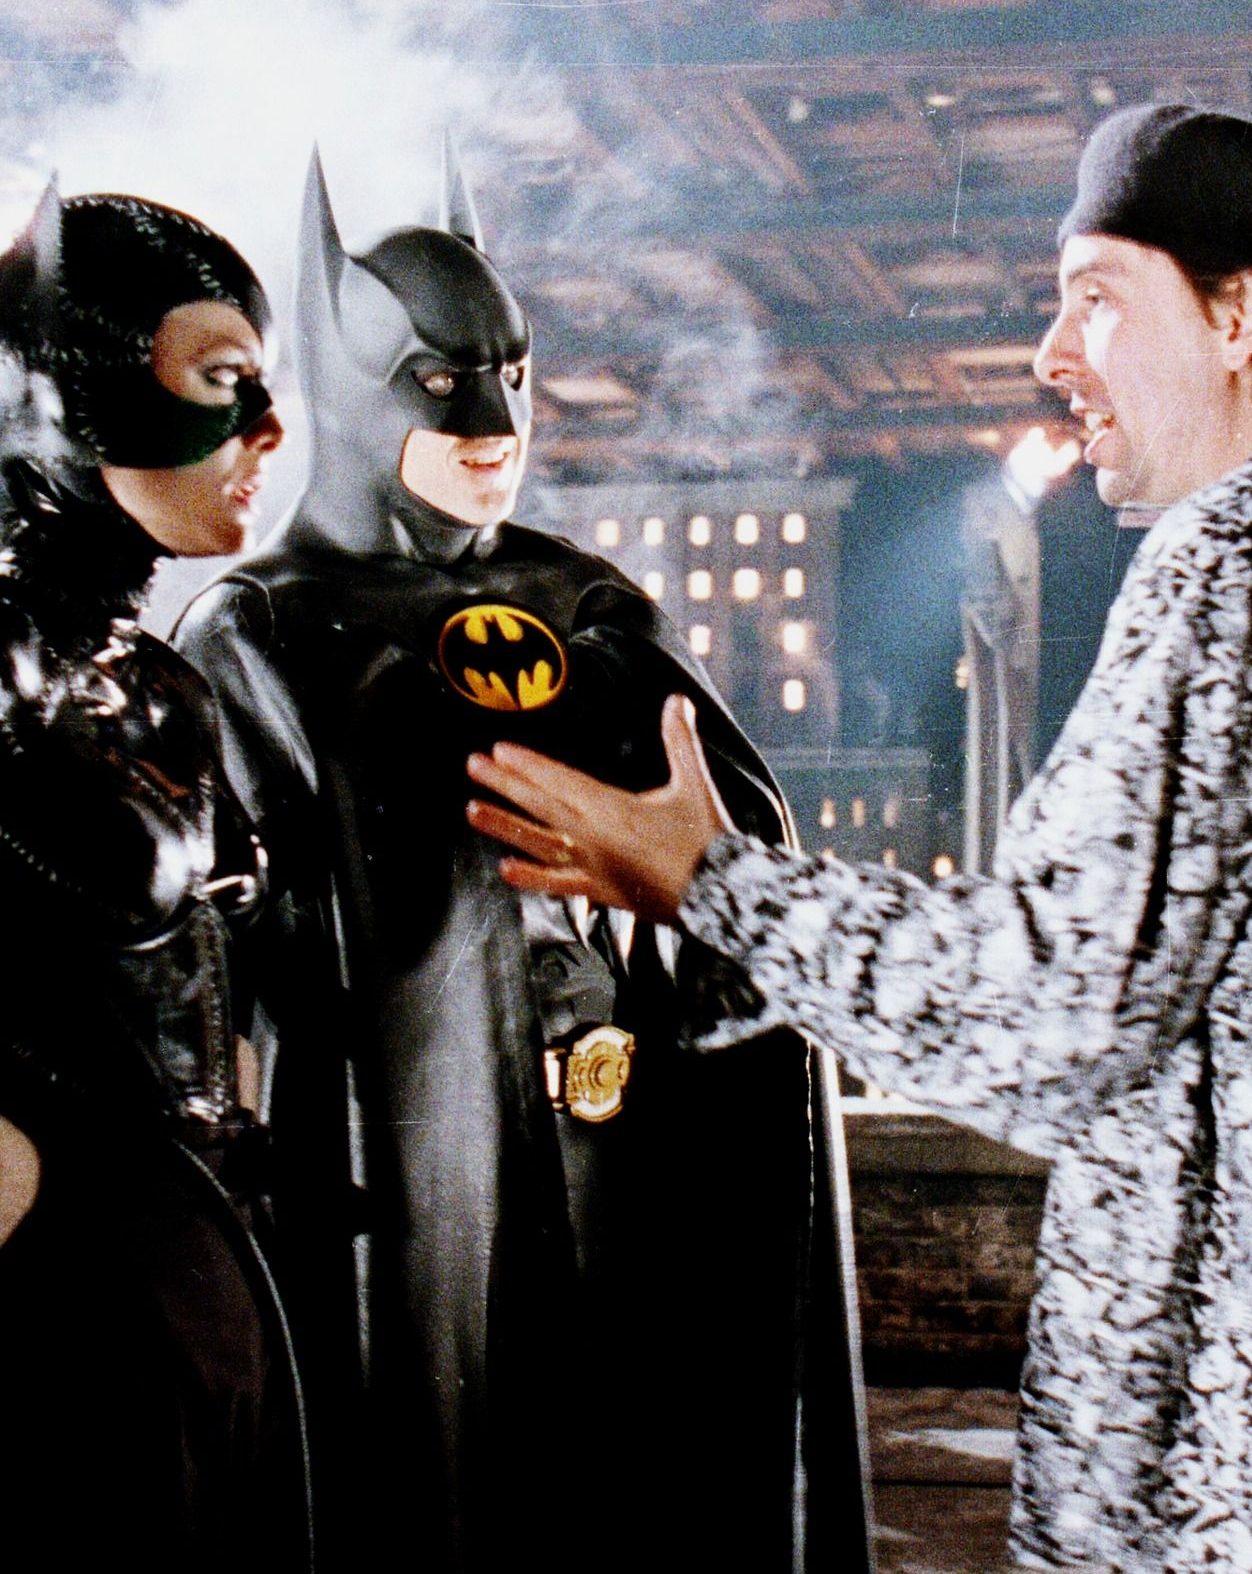 002faa25fefe8ce462de4cb40282e62a e1570443388948 Michael Keaton In Talks To Play Batman Again In New DC Movies